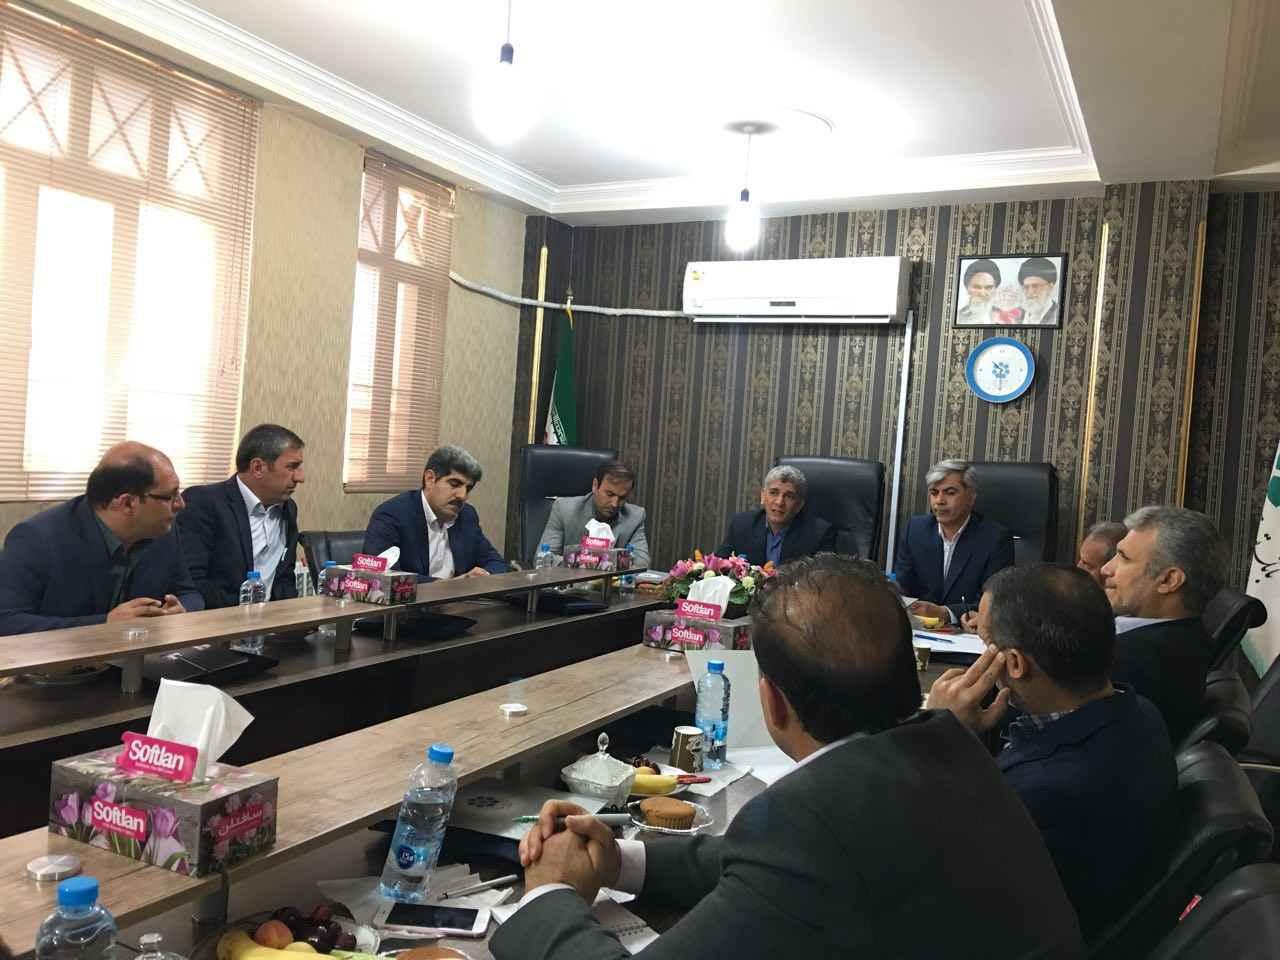 بهبود فضای کسب و کار با فعال کردن سرمایه ها و واحدهای تولیدی راکد در استان